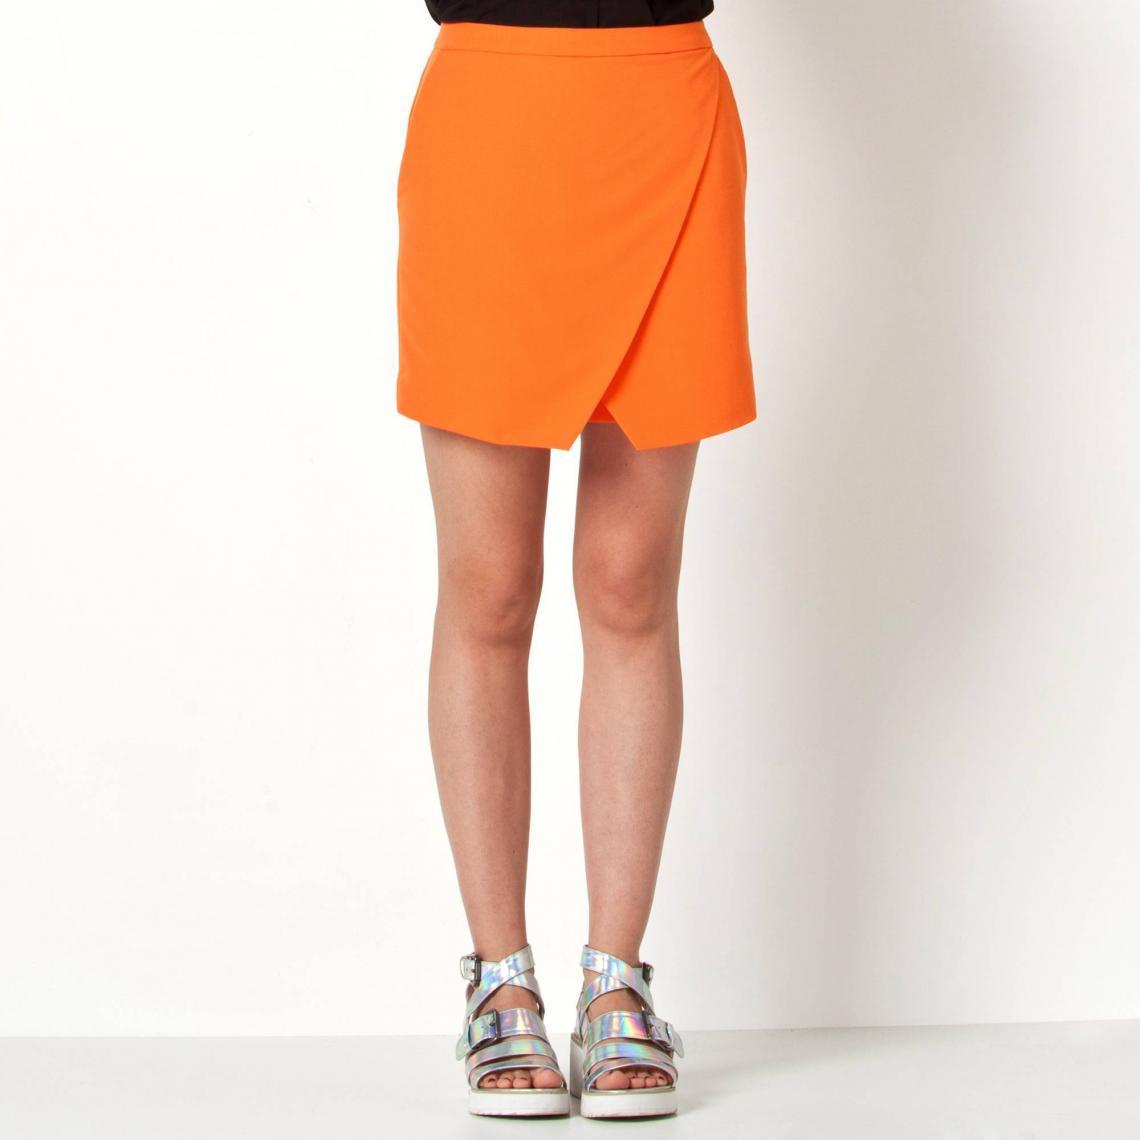 2cc47038c4a8a Jupe short courte 3 Suisses femme - Orange 3 SUISSES Collection Femme